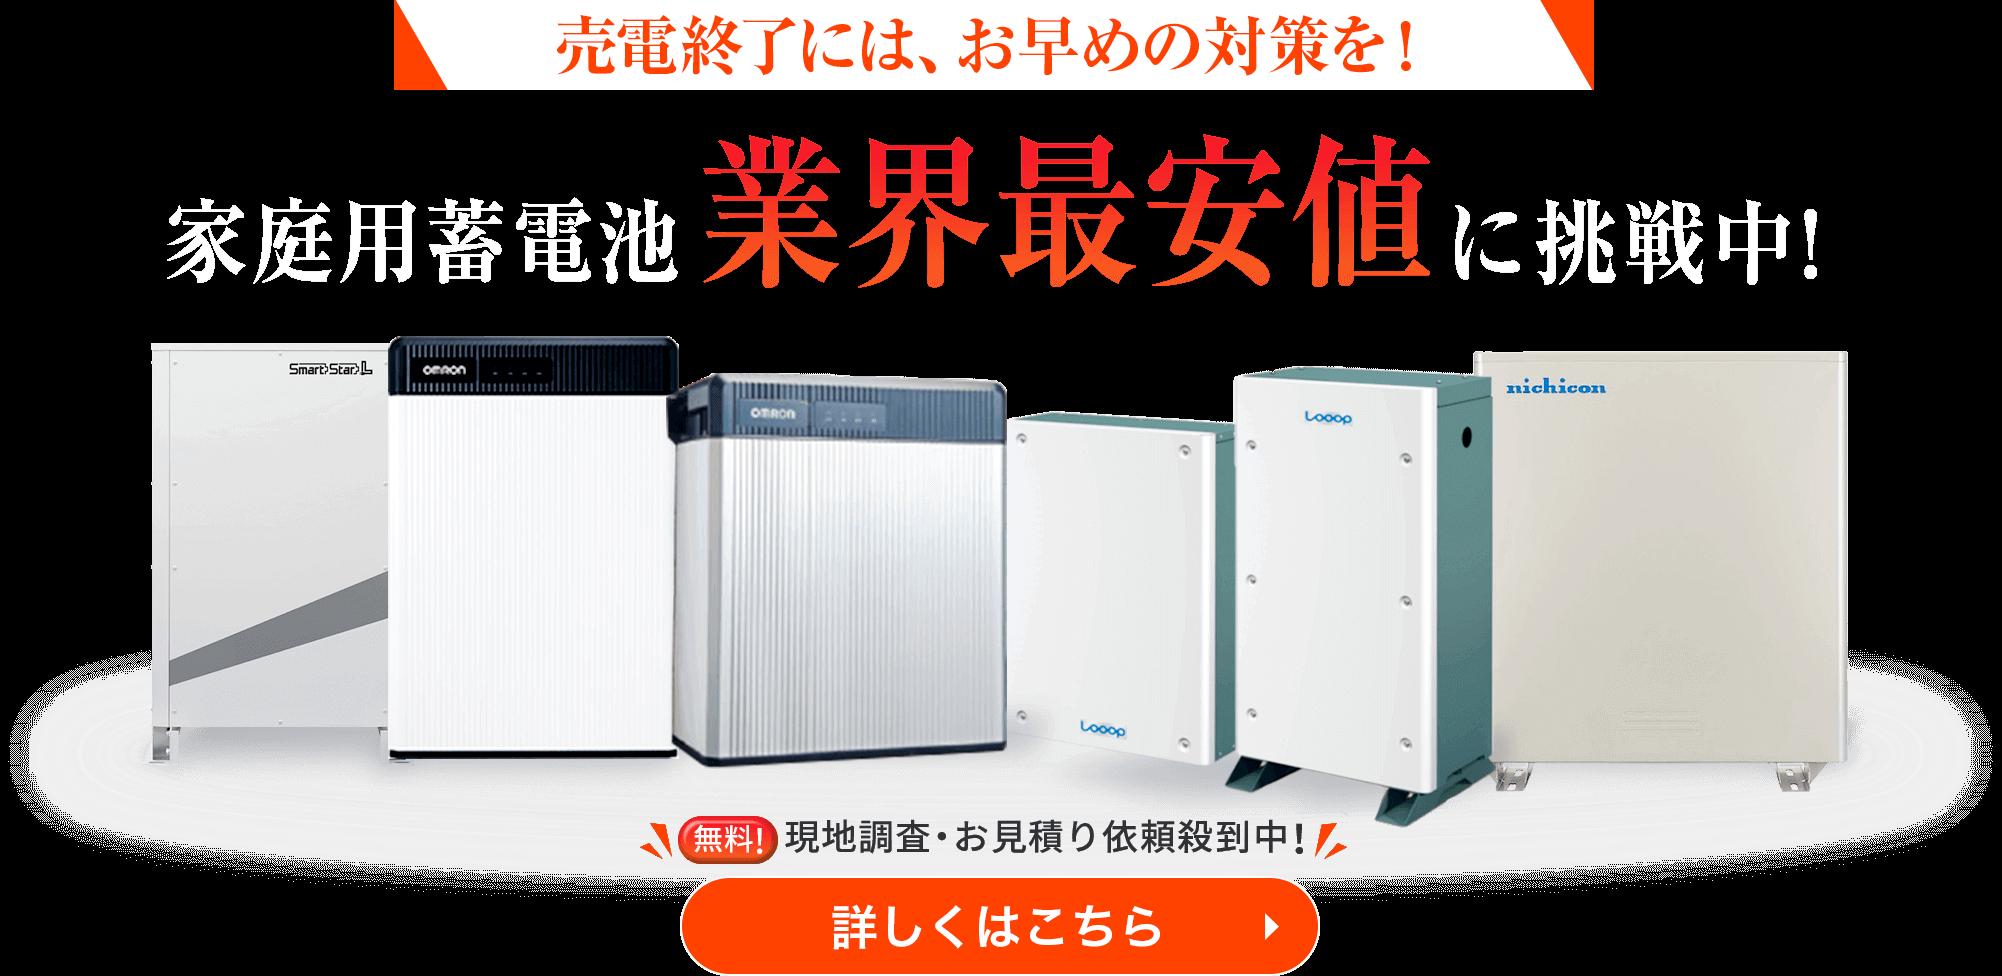 2019年FIT終了間近!家庭用蓄電池業界最安値に挑戦中!!!